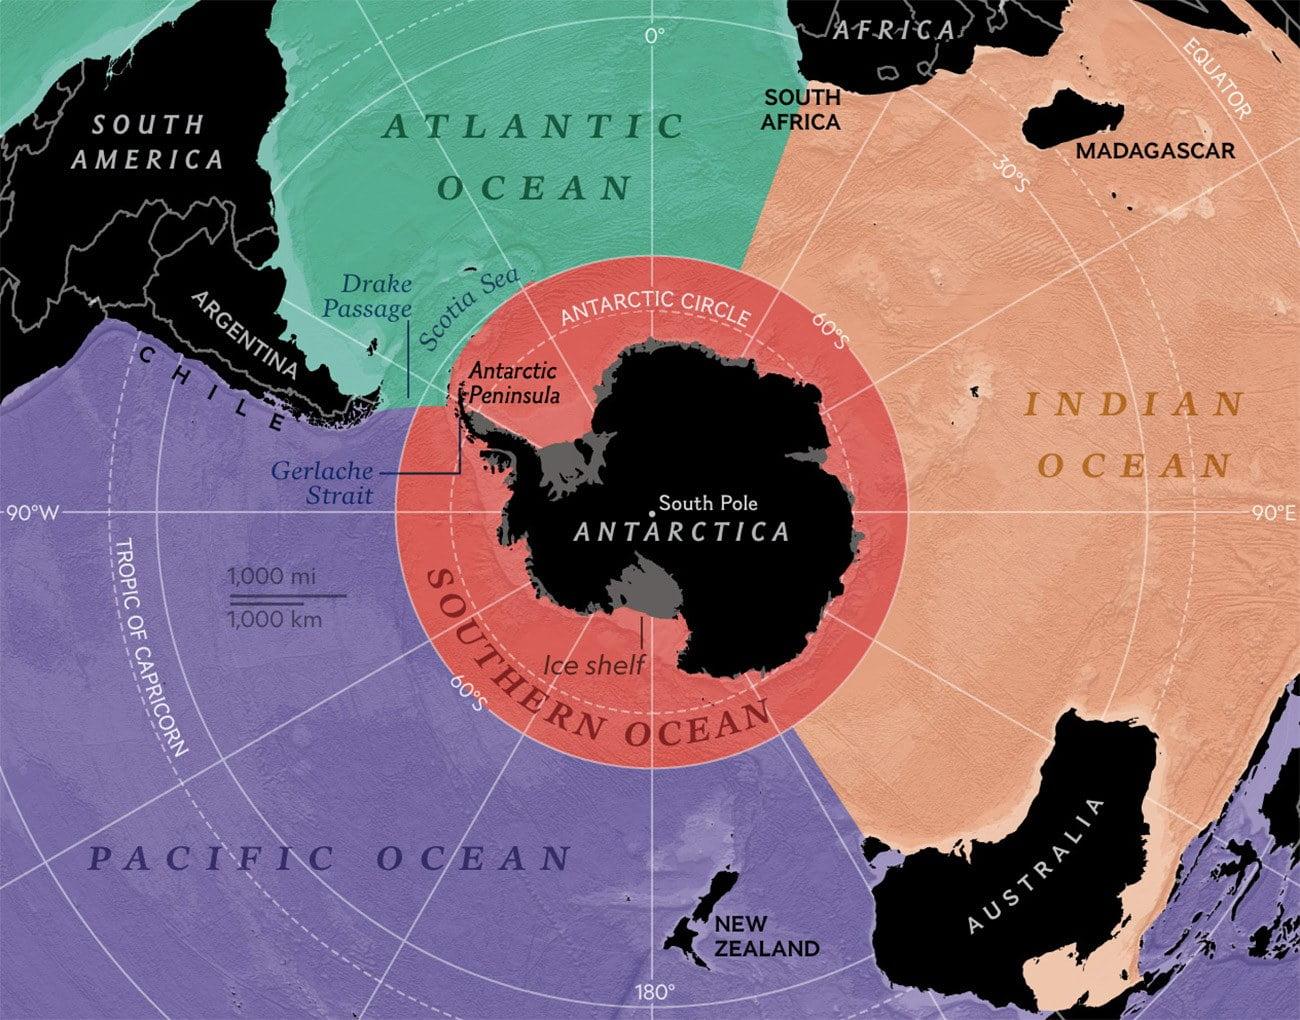 Ilustração mostra os oceanos